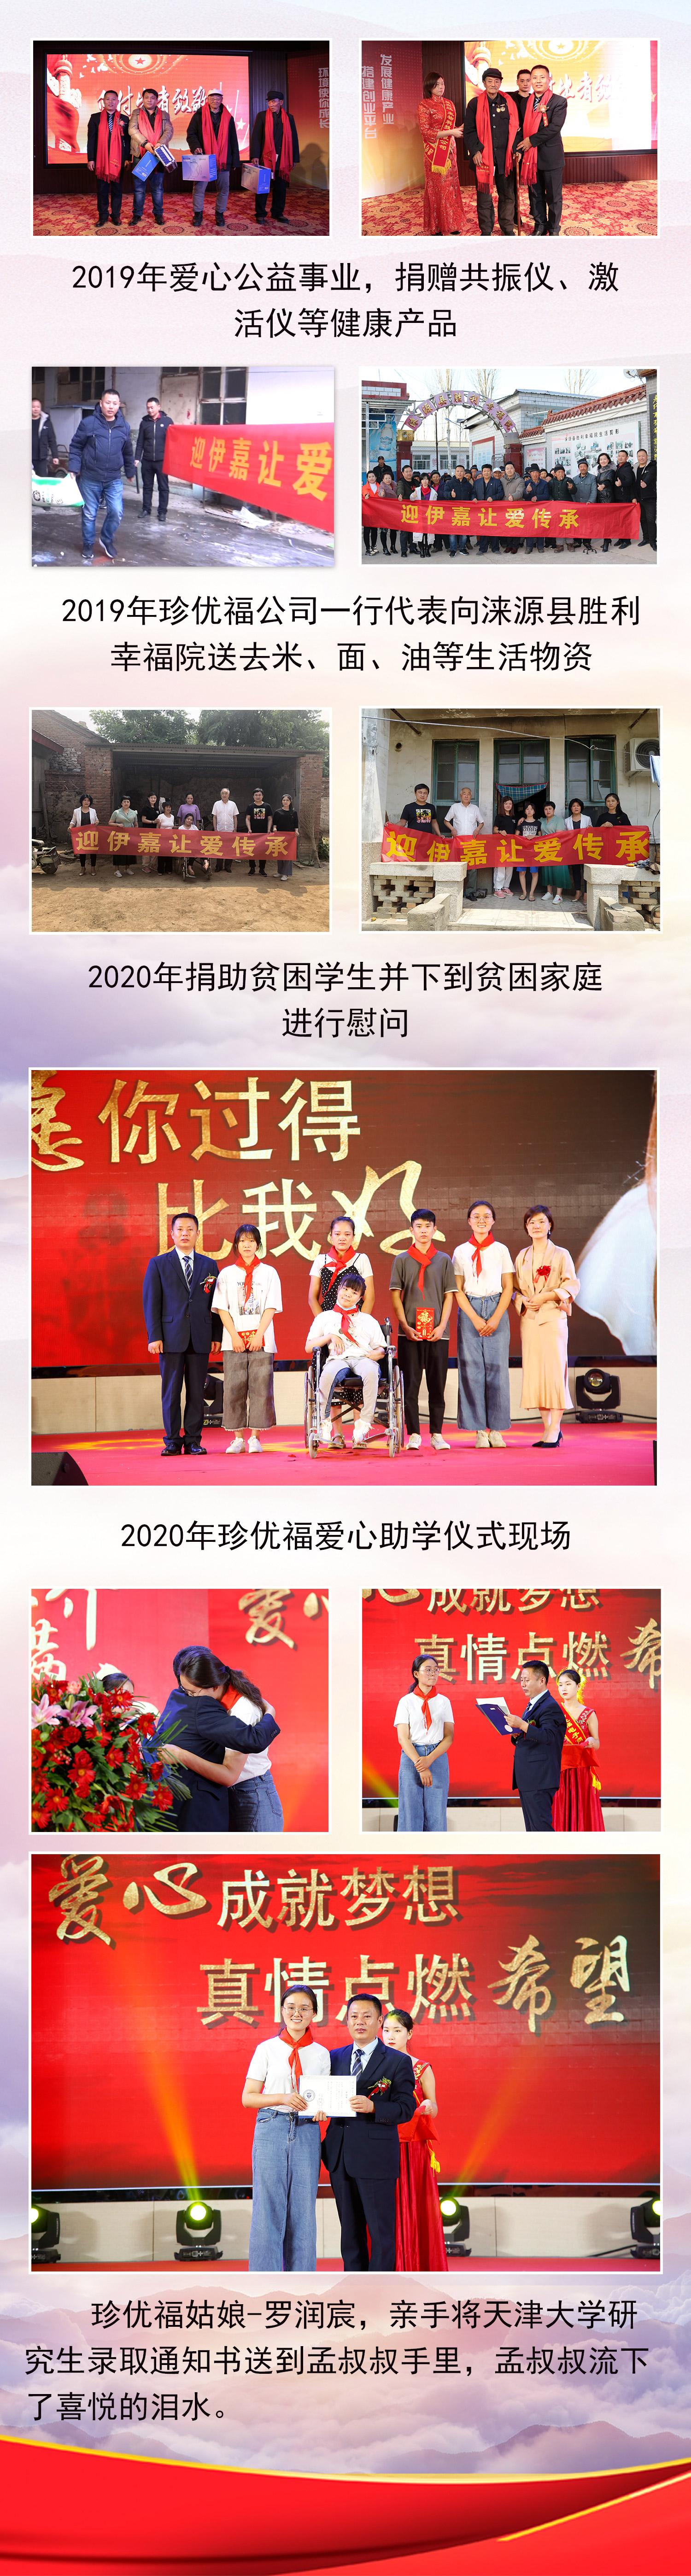 http://image.zhenyoufu.com.cn/shop/article/06711082991391163.jpg